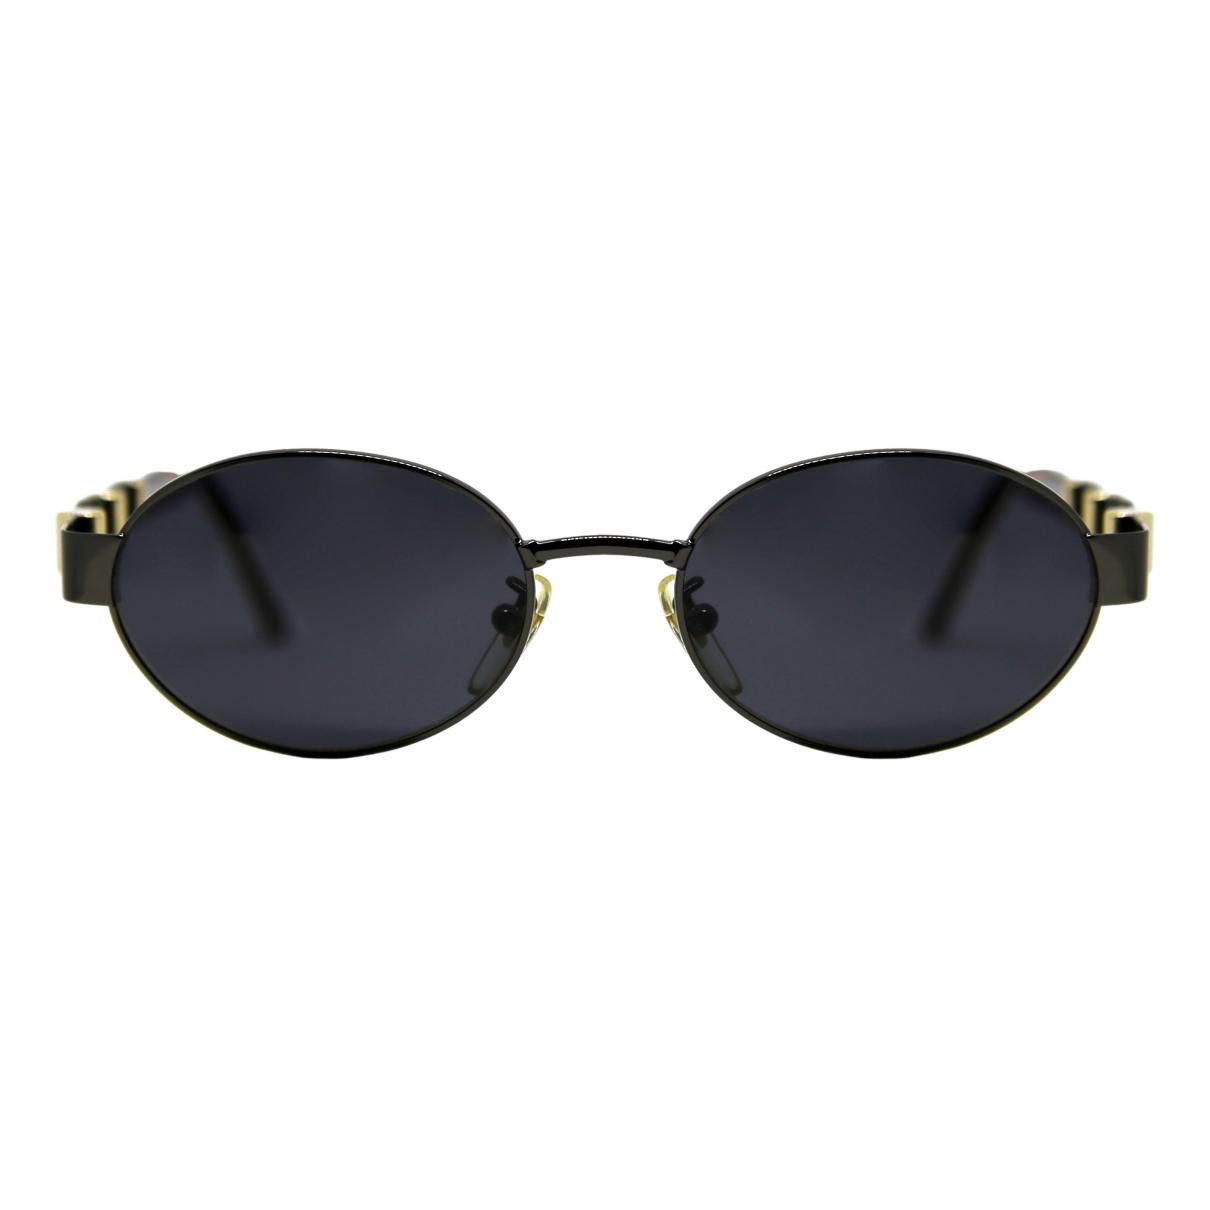 Fendi \N Sonnenbrillen in  Schwarz Metall